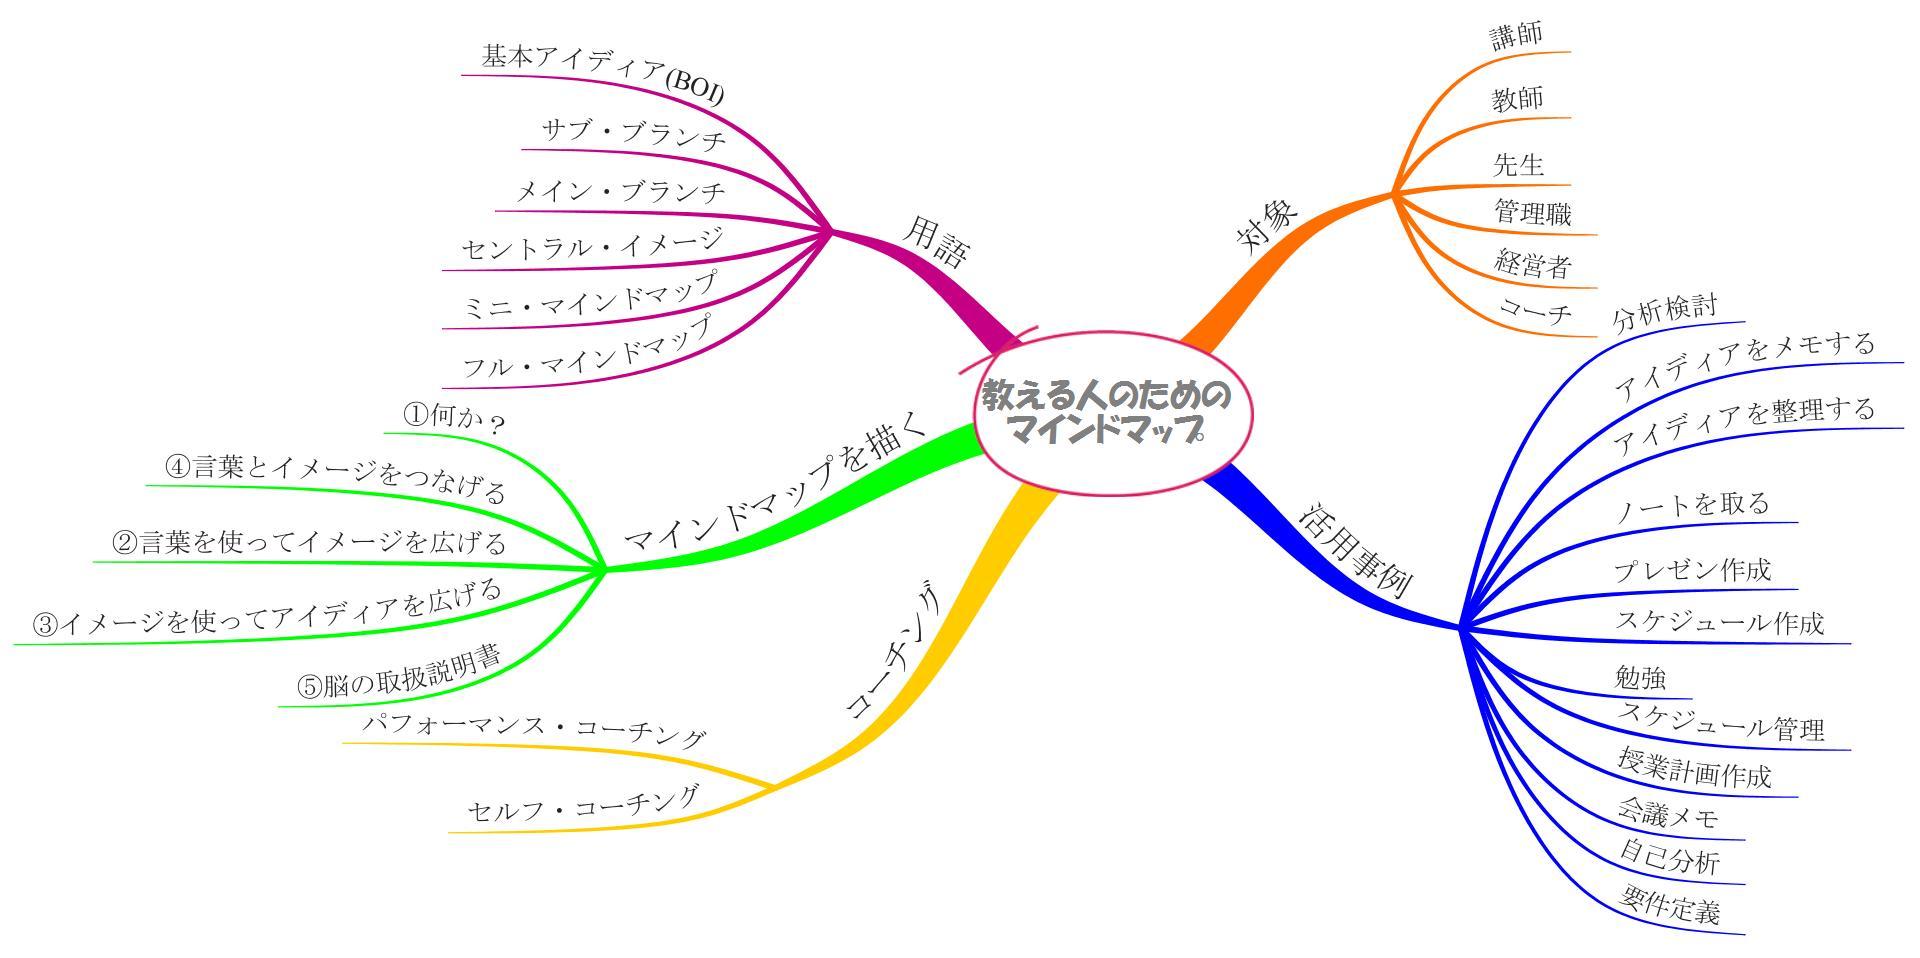 教える人のためのマインドマップ